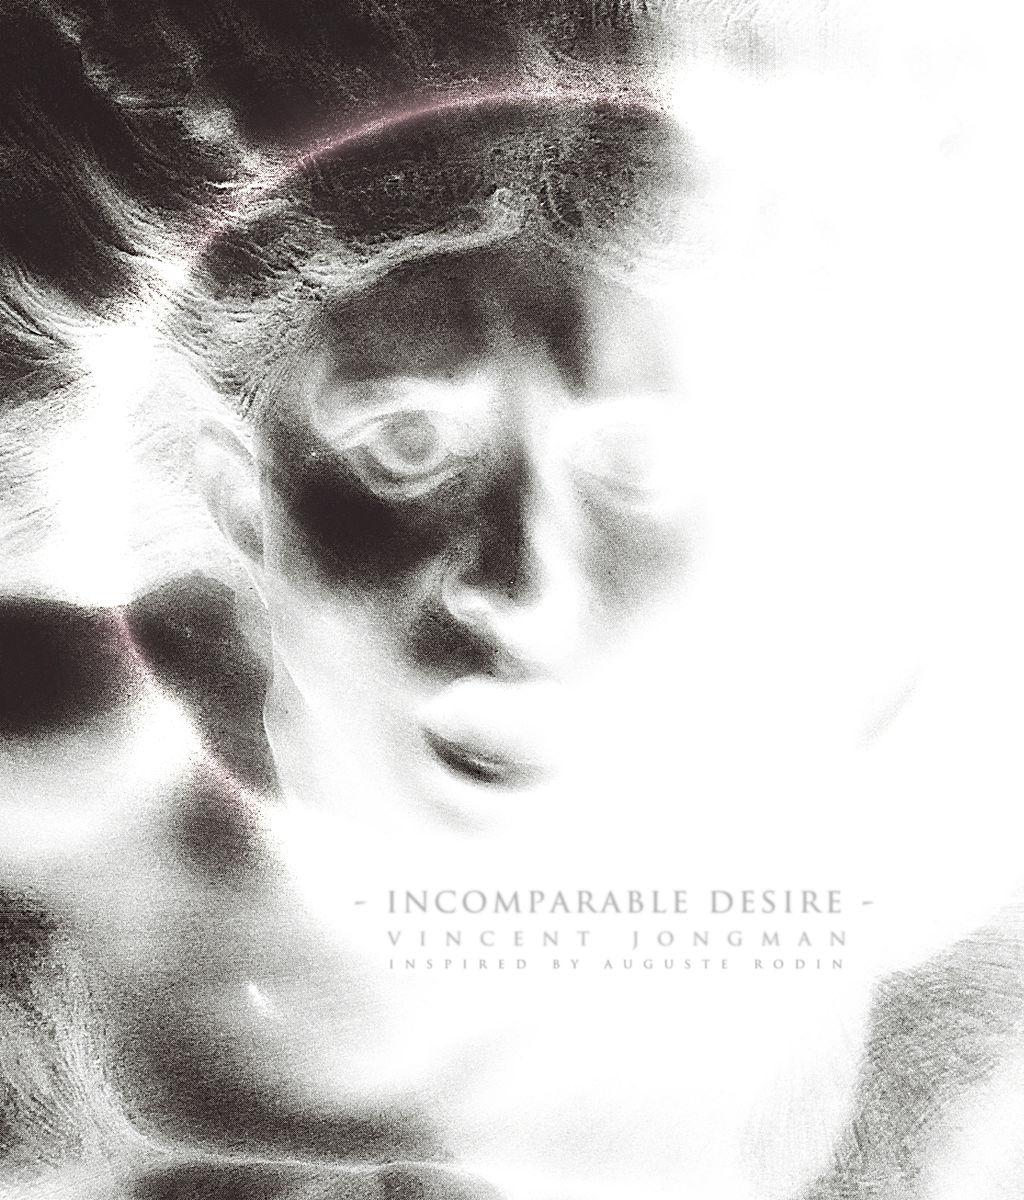 Incomparable Desire